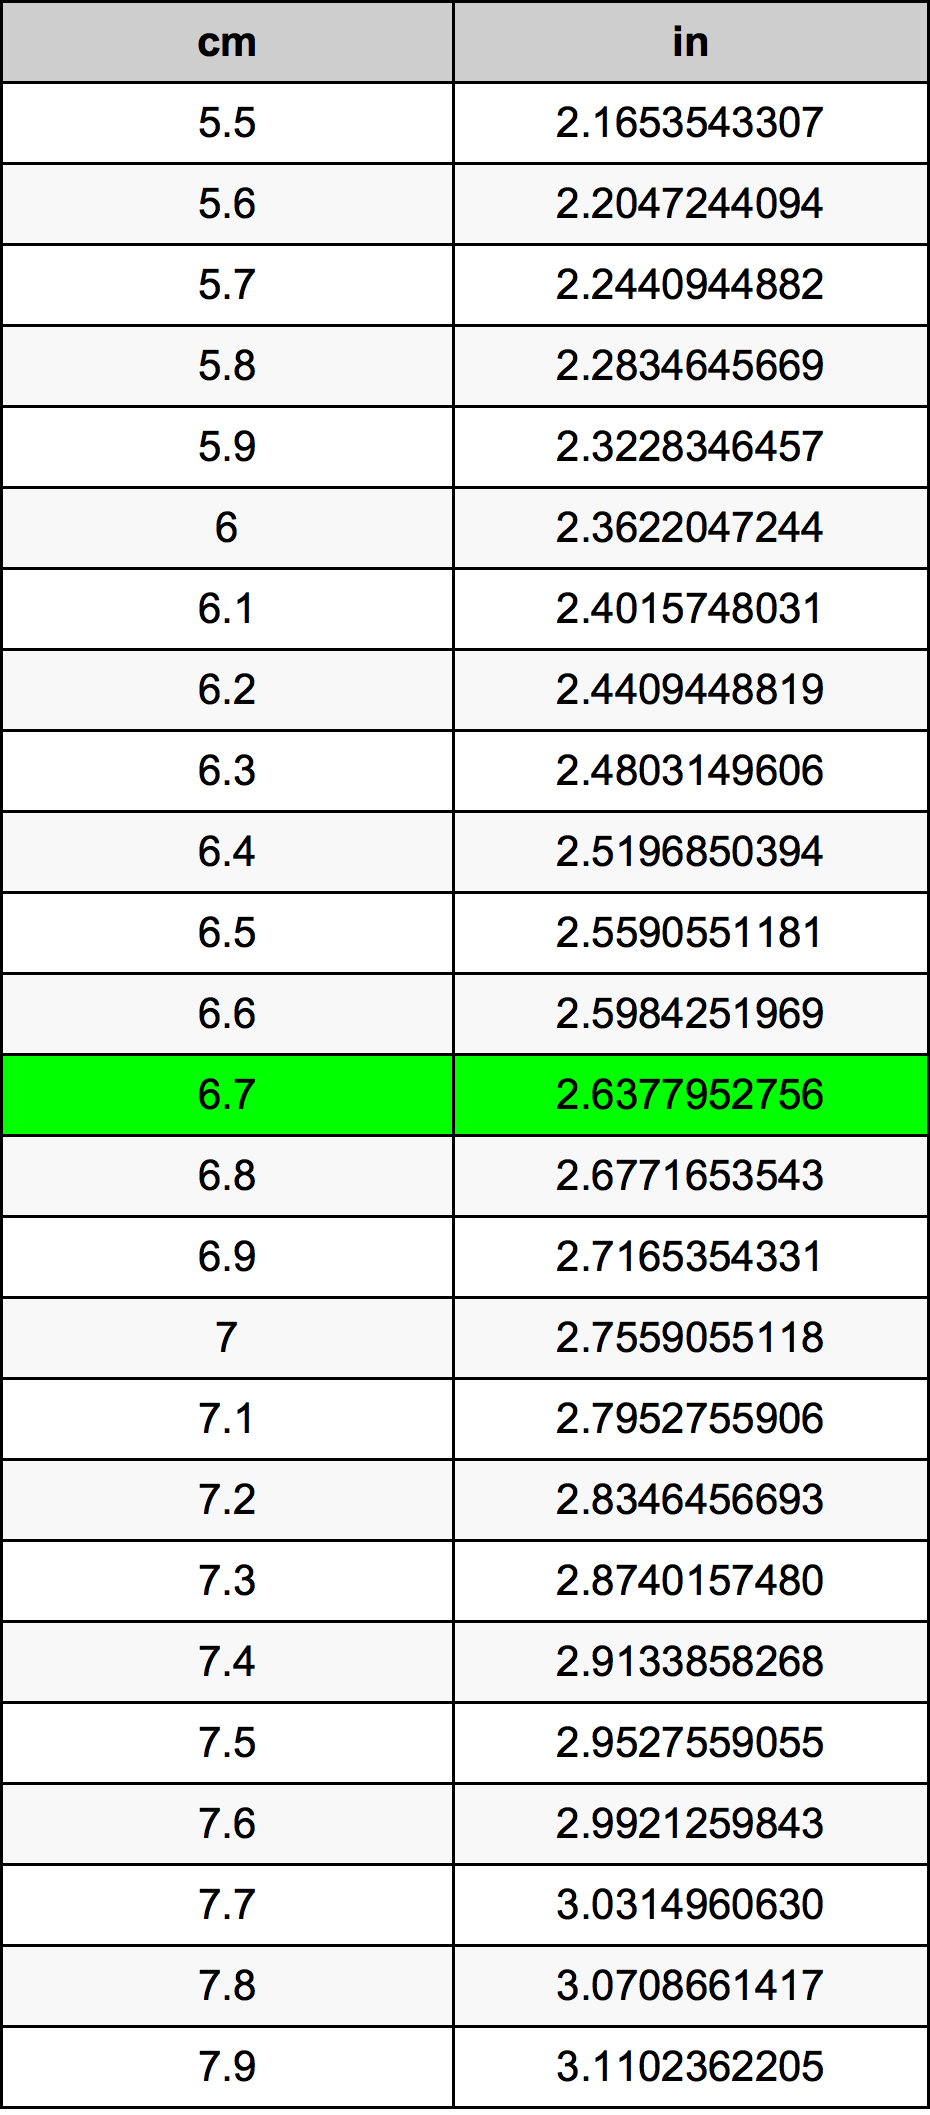 6.7 厘米换算表